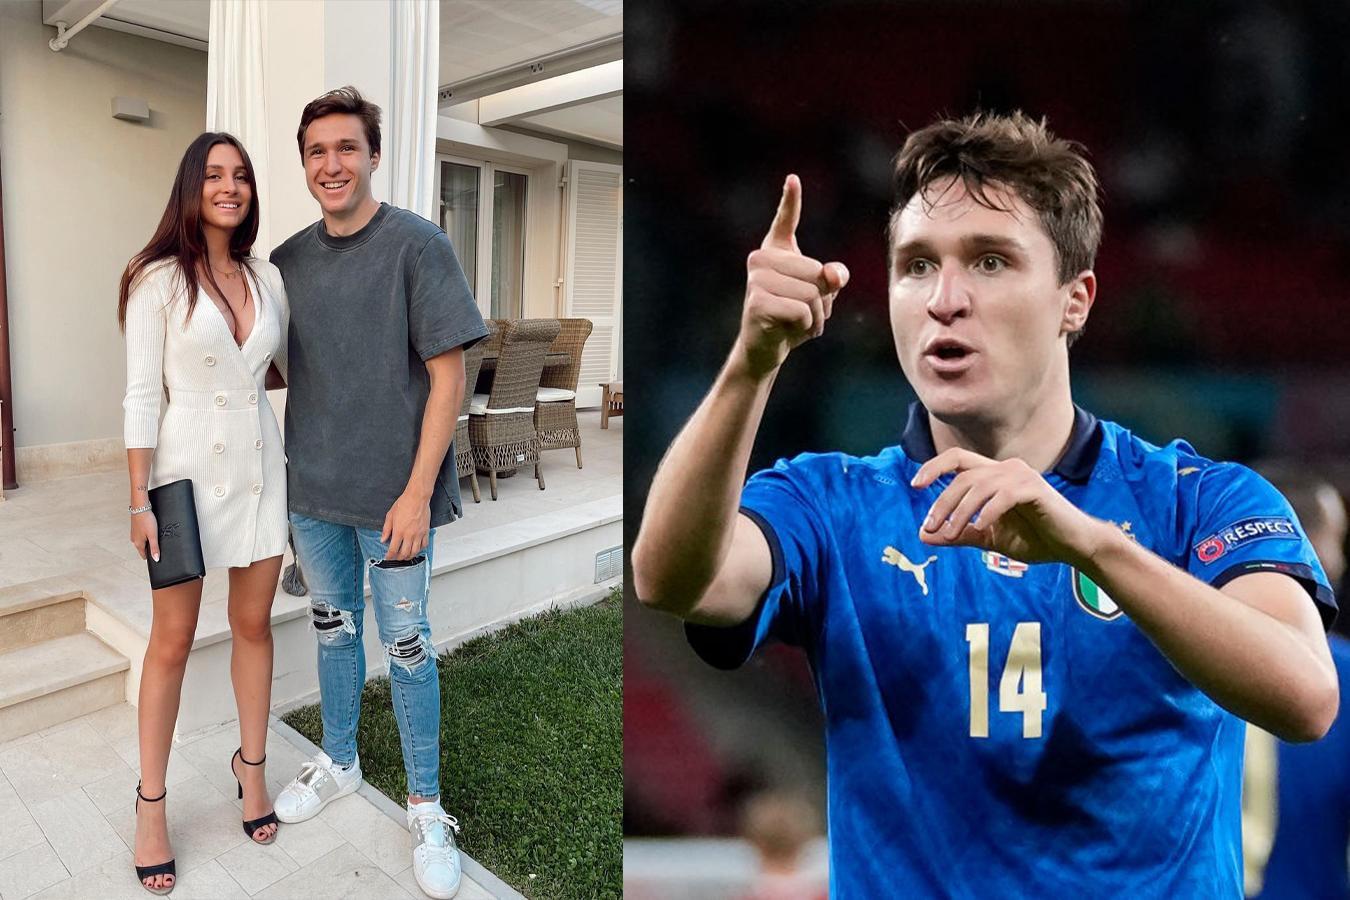 Euro 2020: Dàn WAGs của các tuyển thủ Italia khoe sắc vóc đẹp ngất ngây - Ảnh 3.